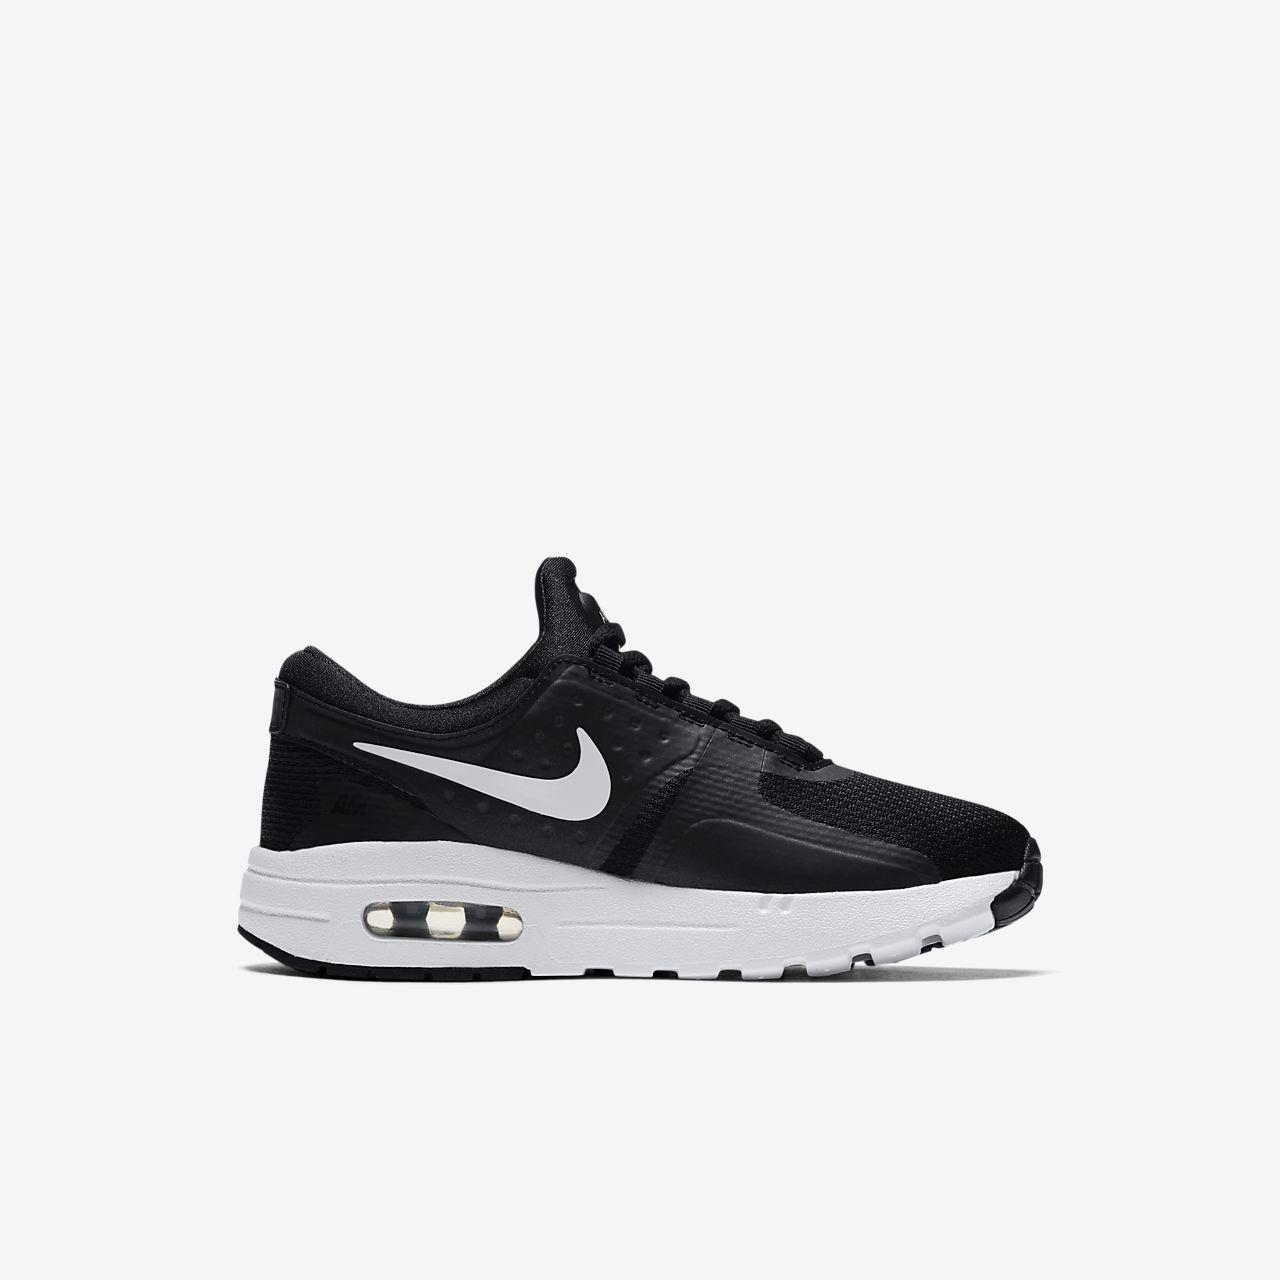 ... Chaussure Nike Air Max Zero Essential pour Jeune enfant